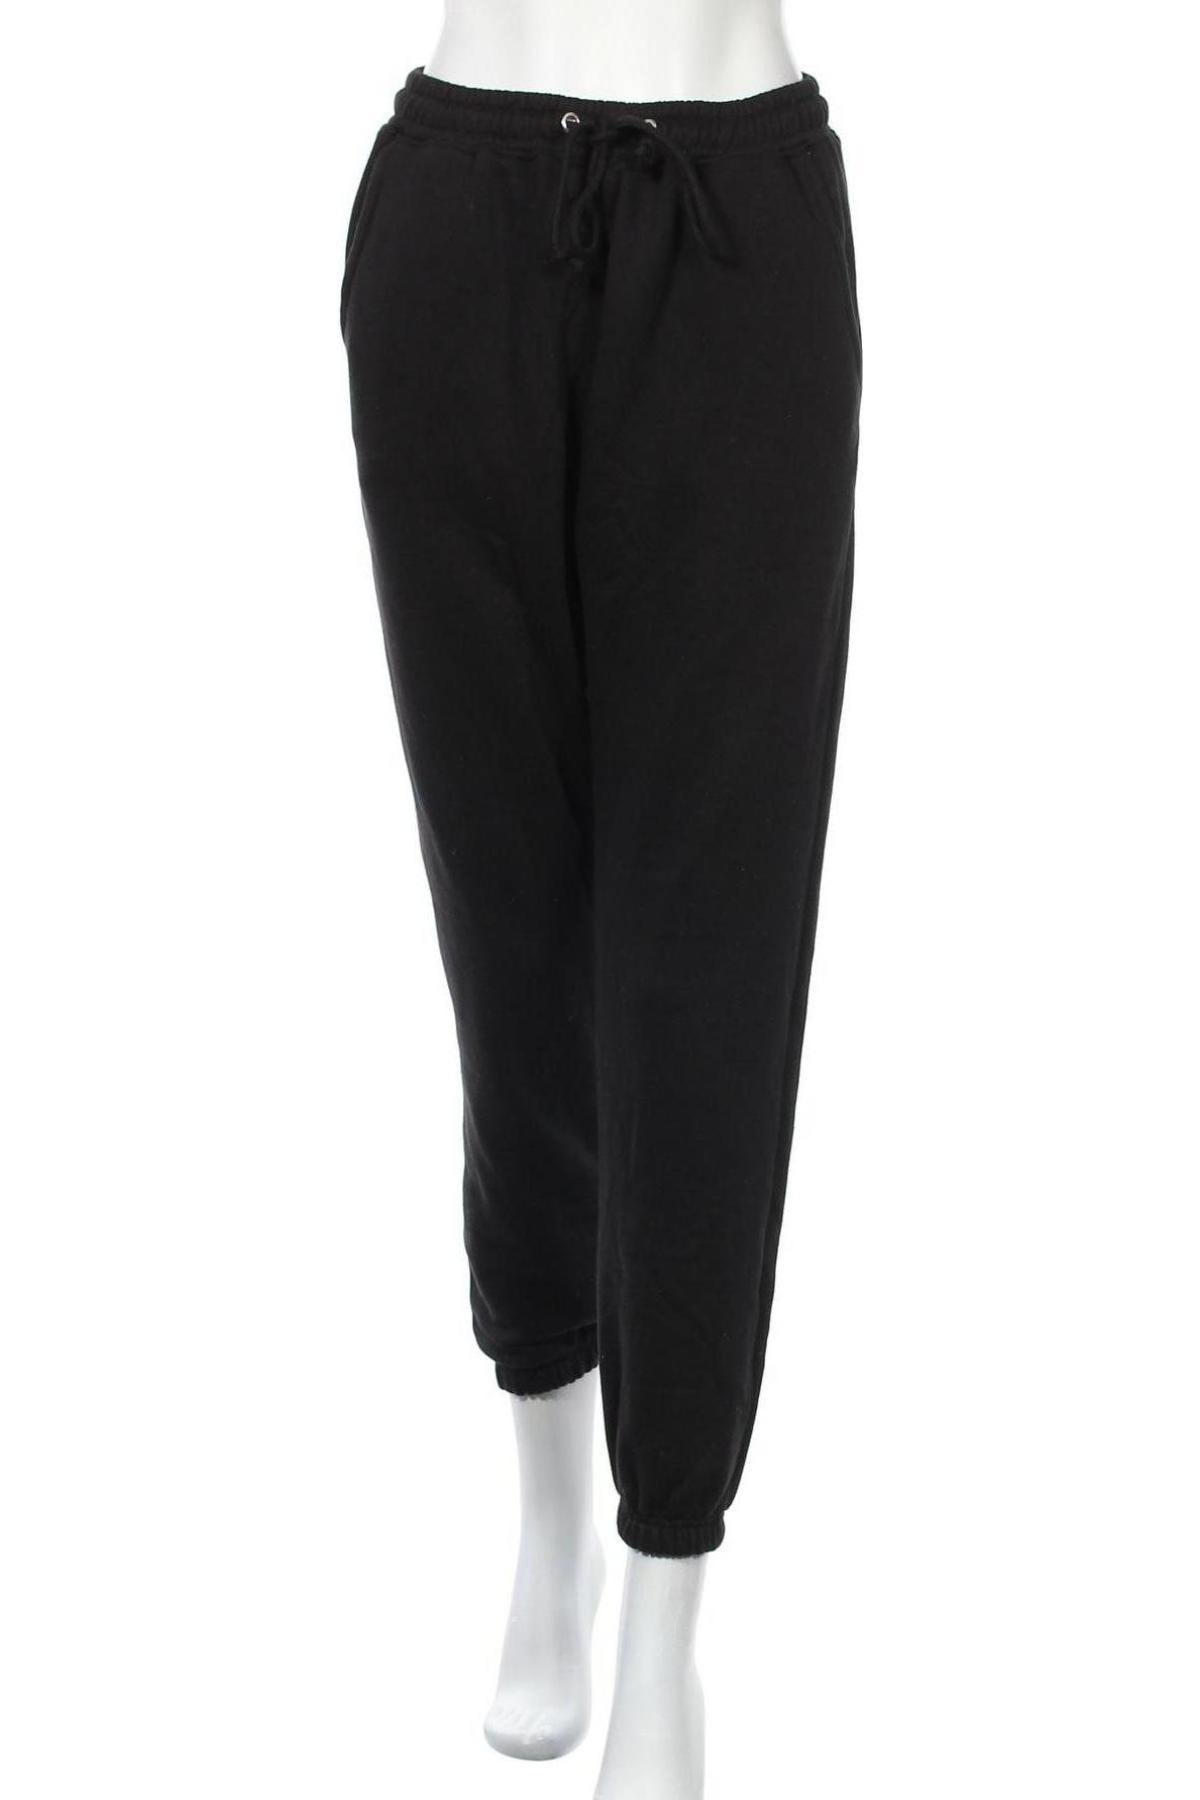 Дамско спортно долнище Missguided, Размер S, Цвят Черен, 60% полиестер, 40% памук, Цена 28,50лв.